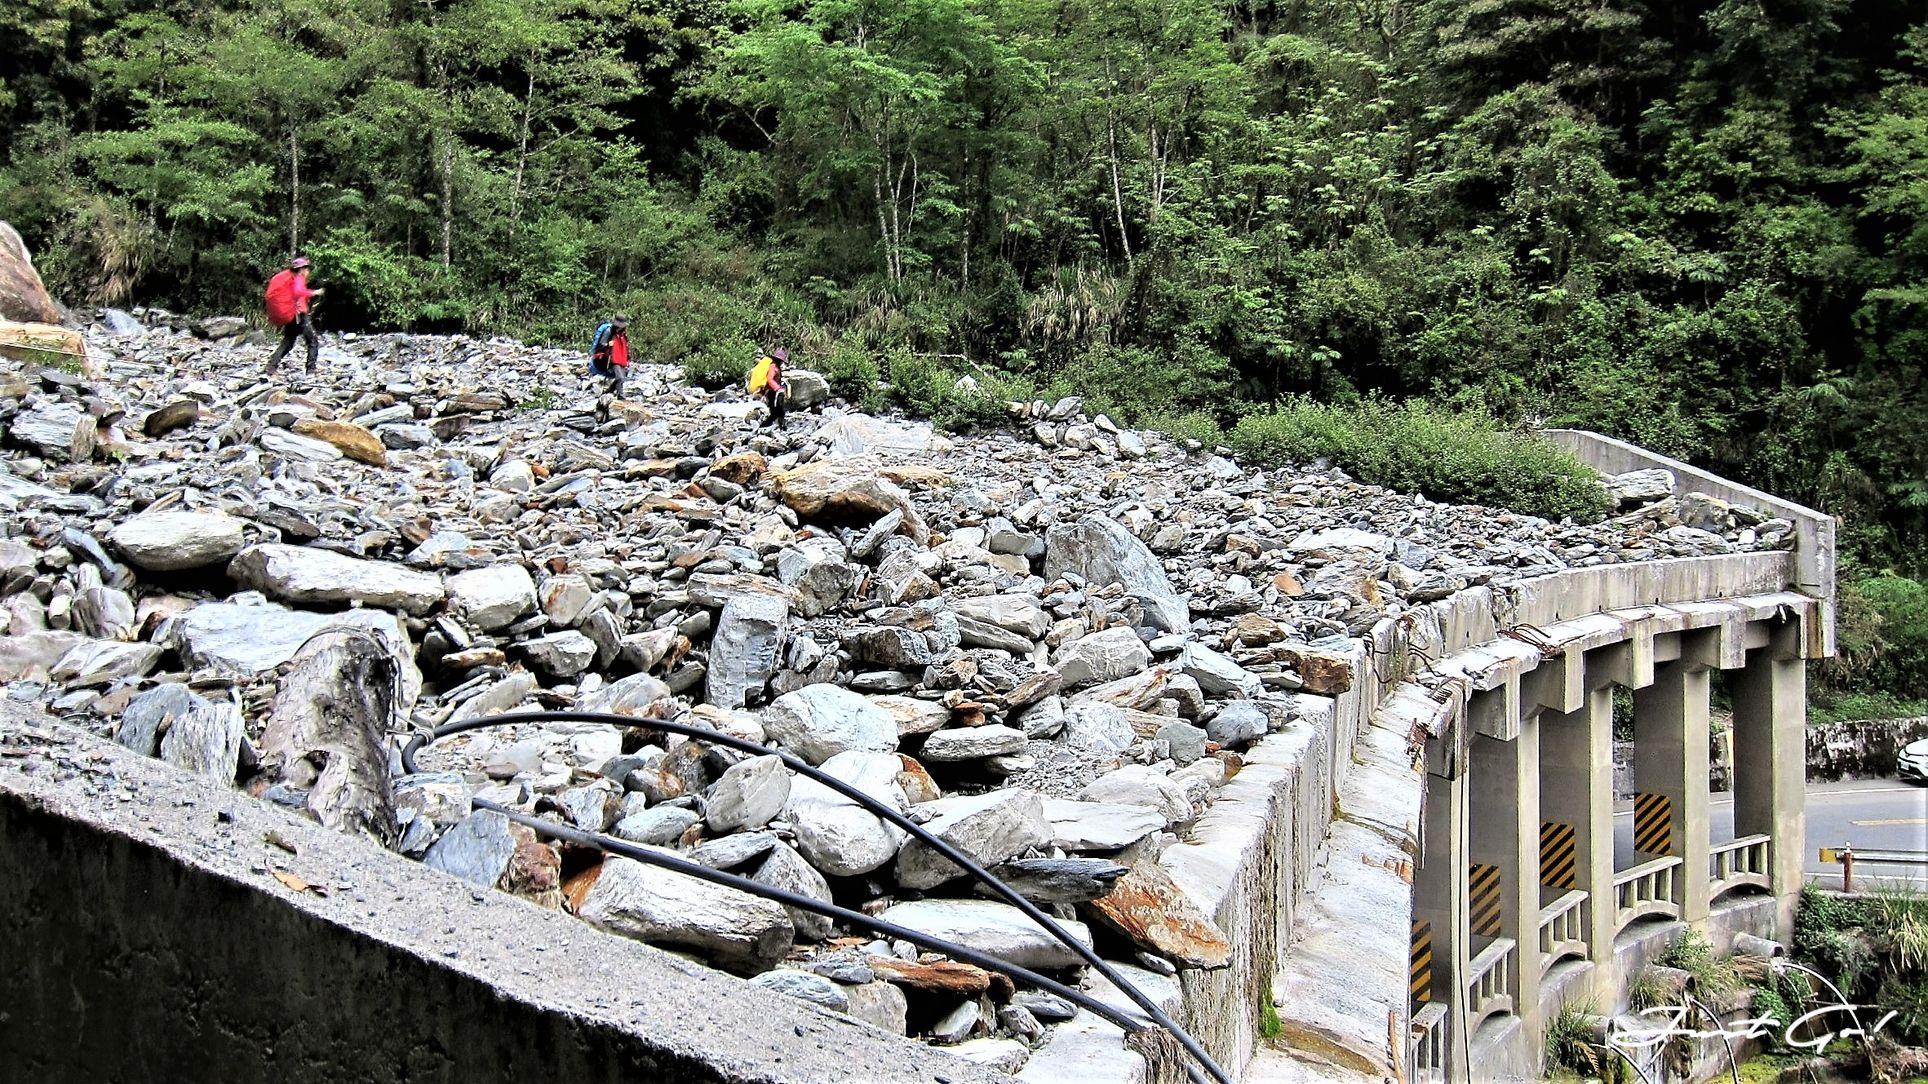 台灣 - 一日百岳·畢祿羊頭縱走單攻紀錄- gpx路線、申請、接駁及遊記23